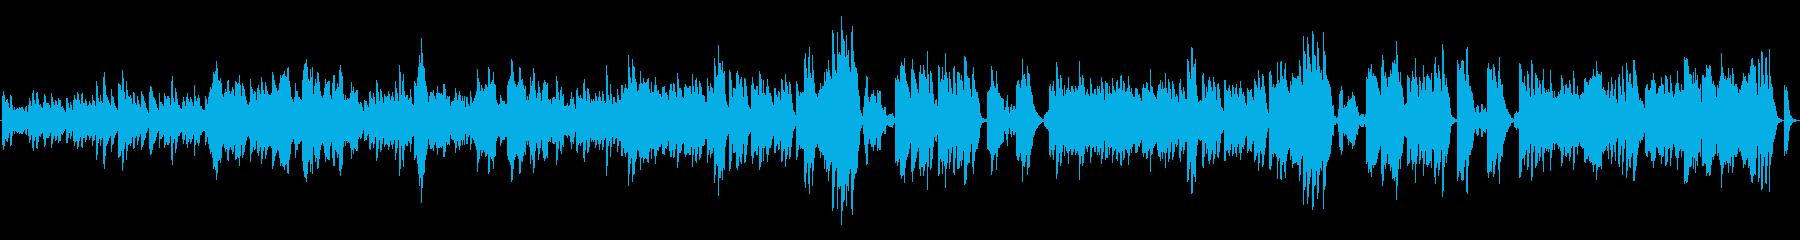 ゆったりとしたセレナーデの再生済みの波形